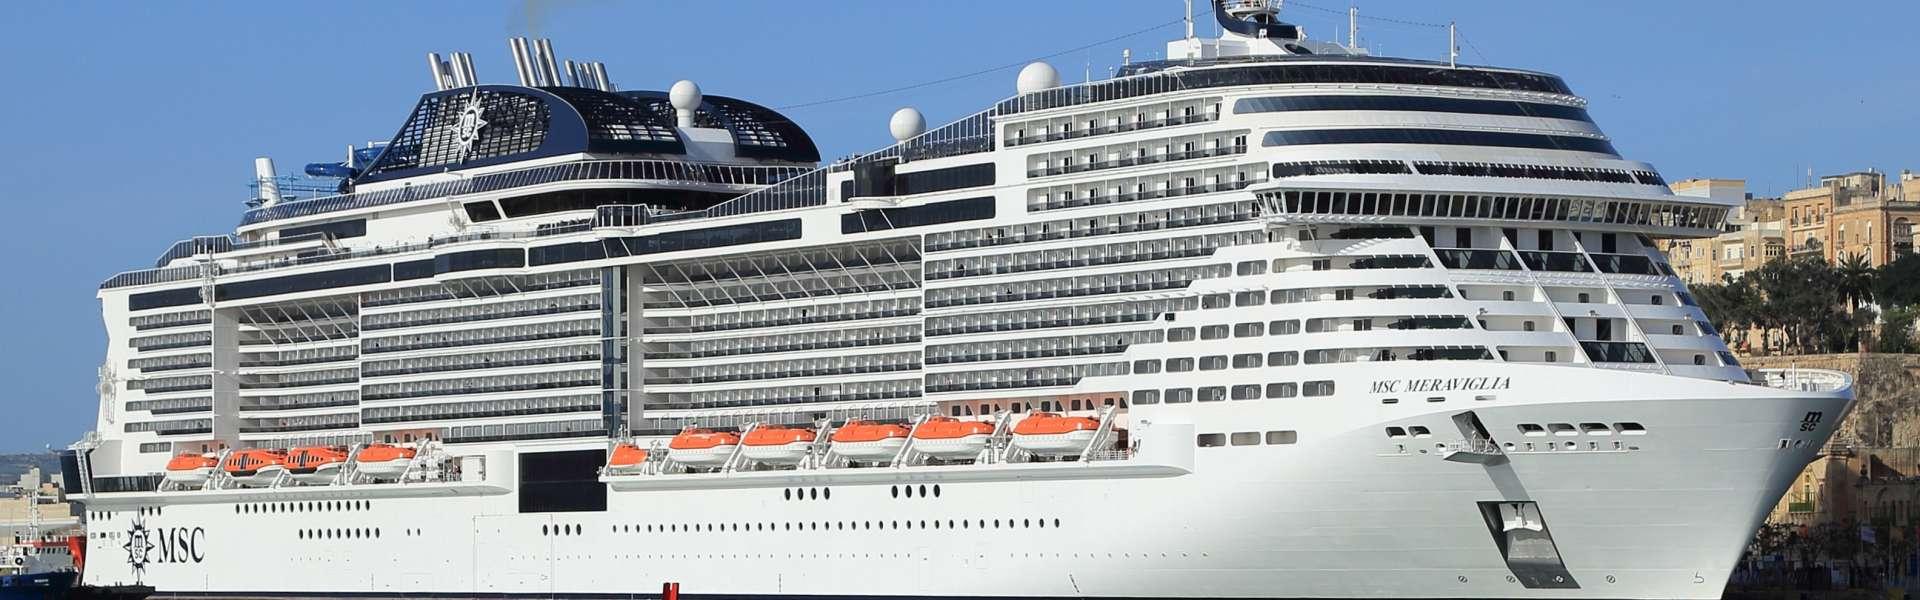 Croaziera de Grup Organizat cu Zbor Inclus 2019 - Capitalele Baltice (Kiel) - MSC Cruises - MSC Meraviglia - 7 nopti